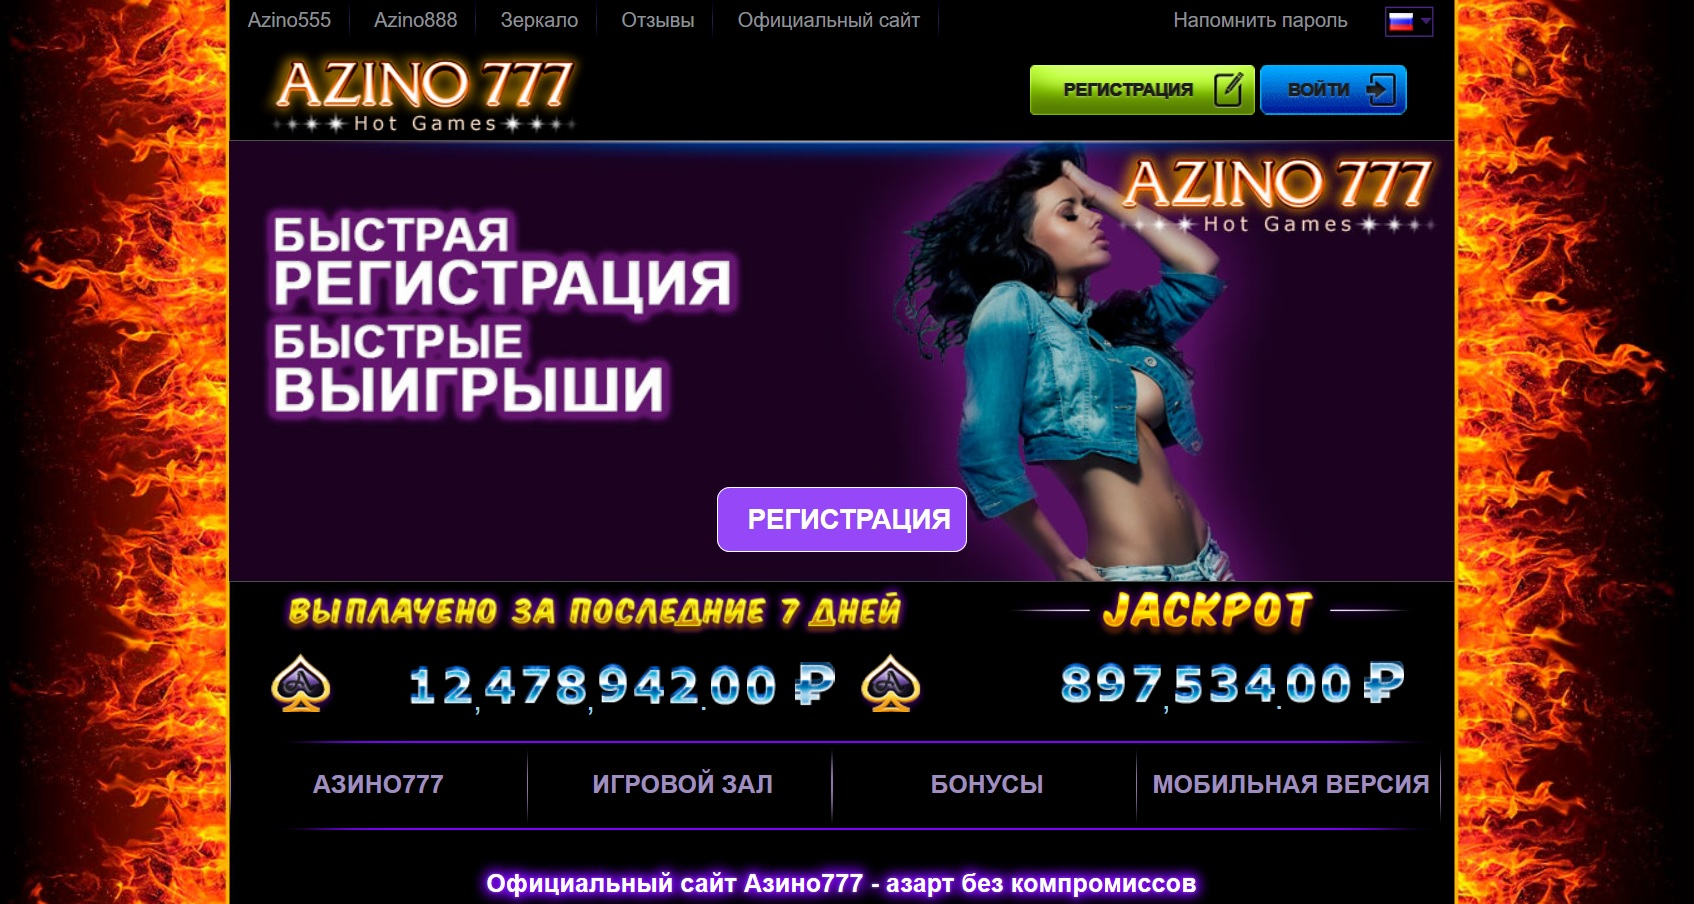 4 азино777 официальный сайт